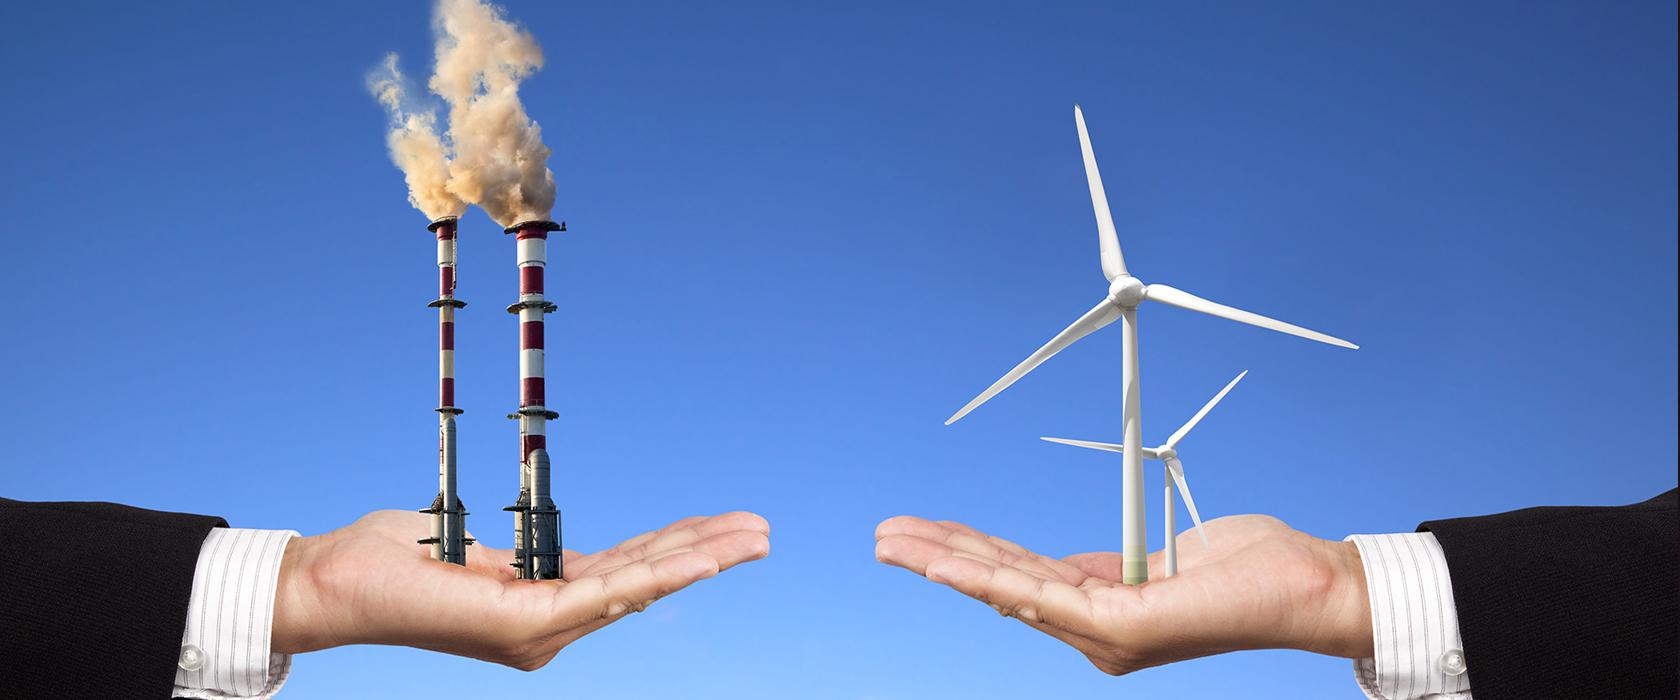 Доклад роль экологии в практической деятельности людей 5815